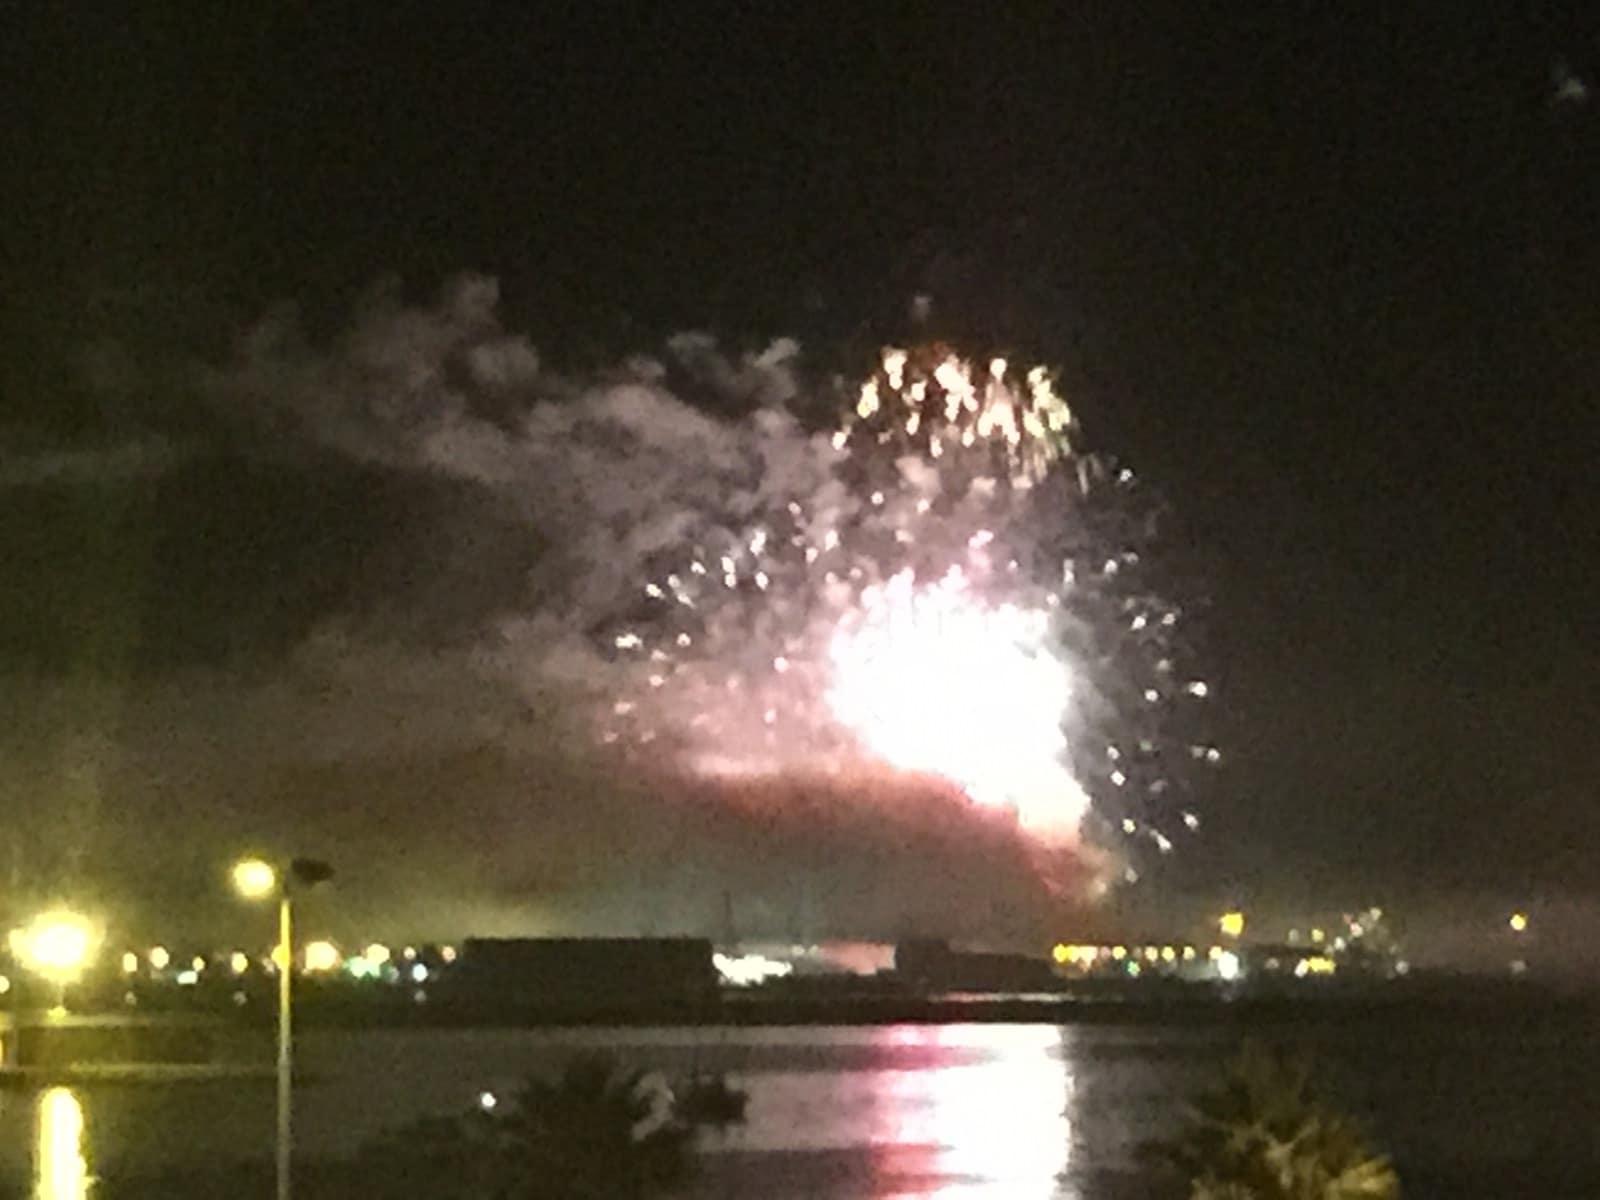 fuegos-artificiales-como-colofn-del-da-nacional-de-gibraltar-2015_22718937496_o